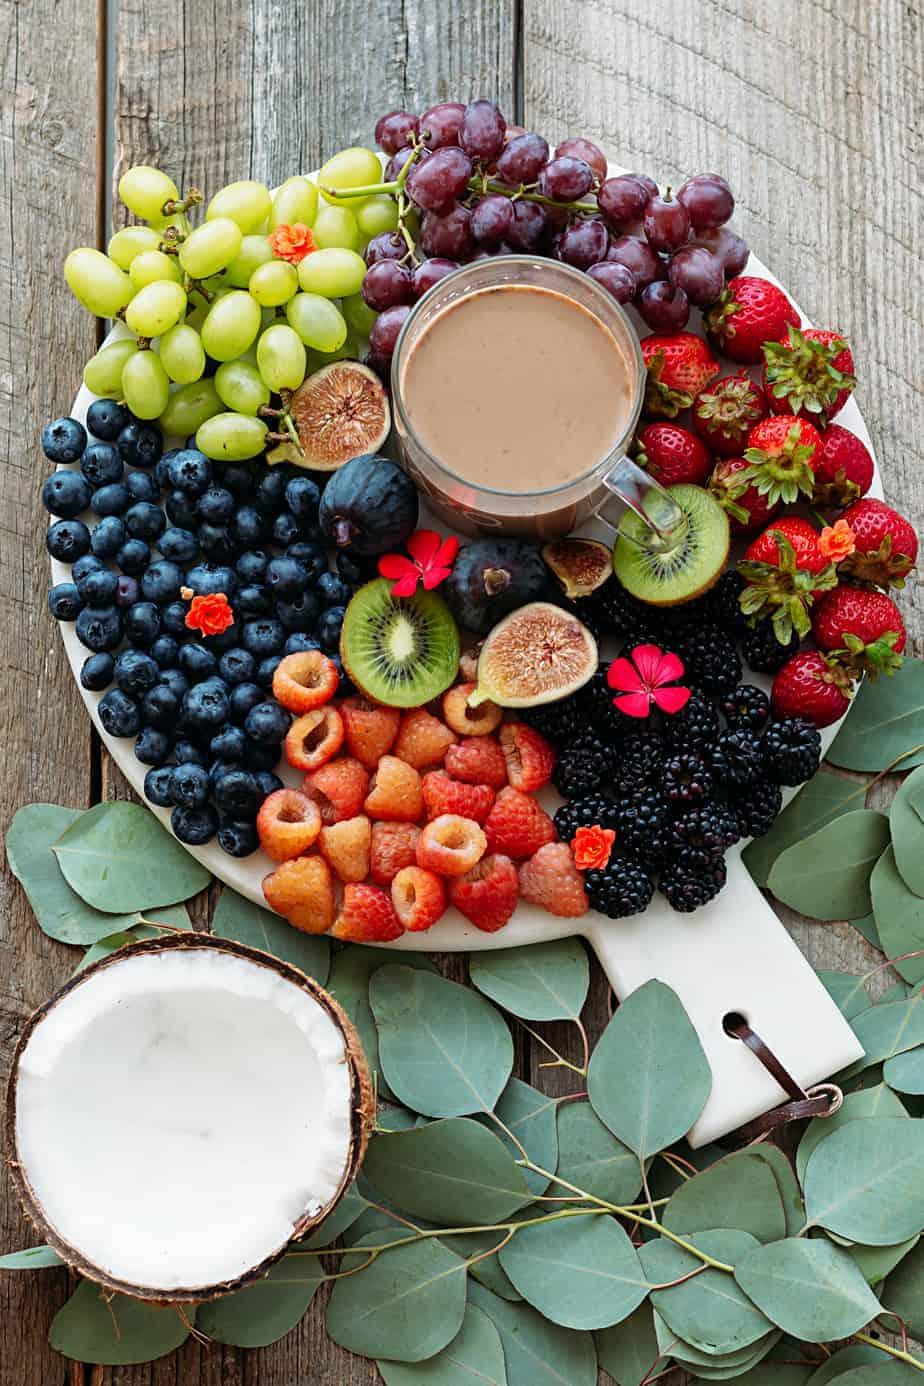 breakfast fruits starbucks coffee latte